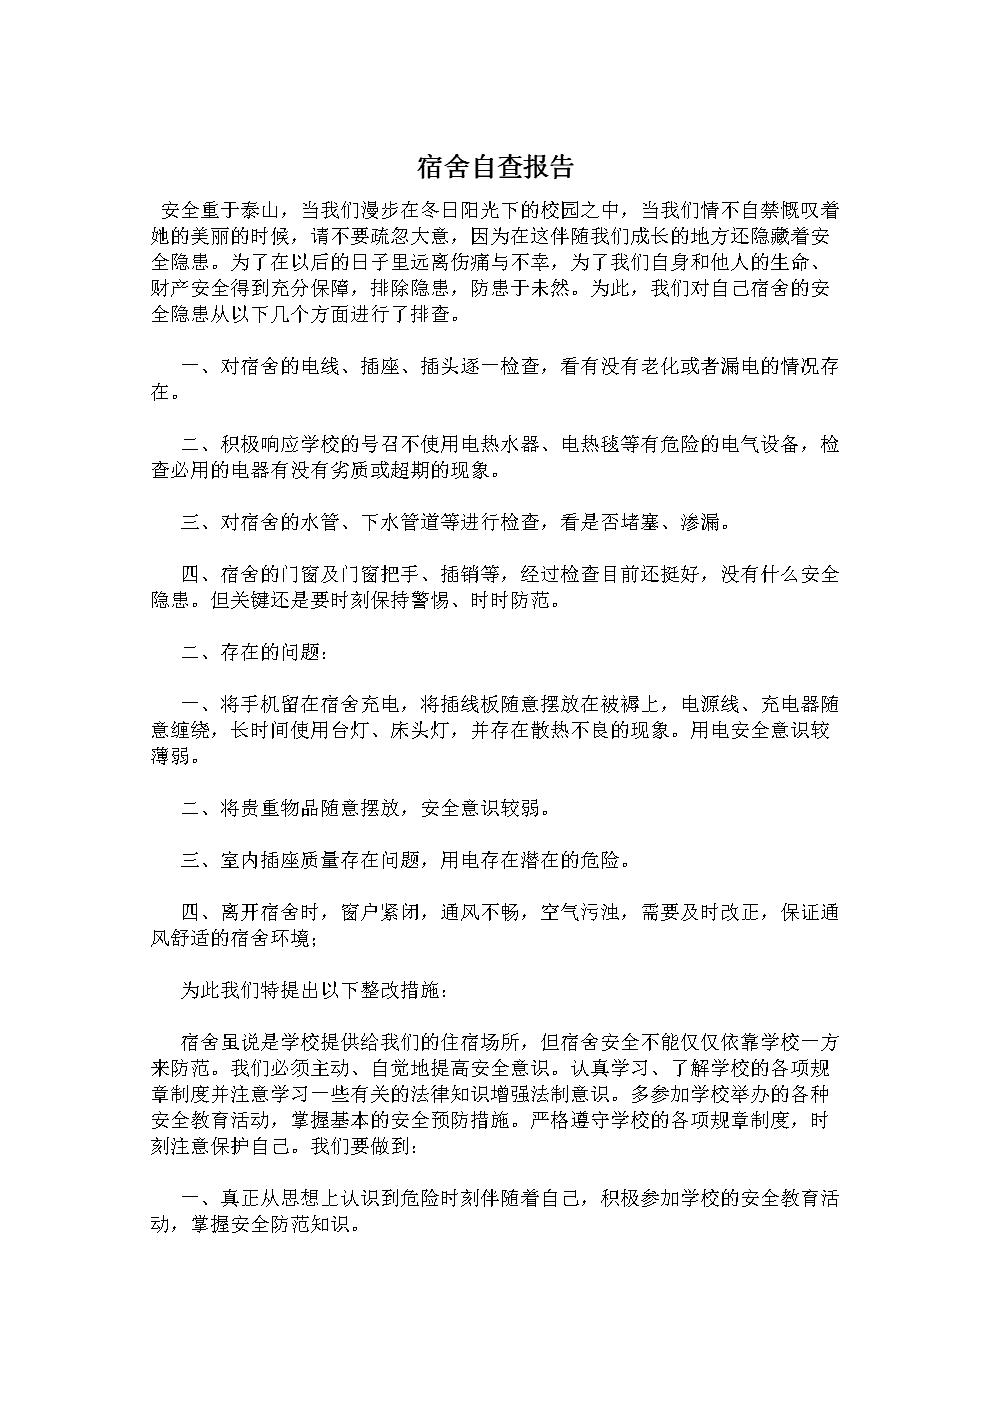 宿舍自查报告范文范文.doc